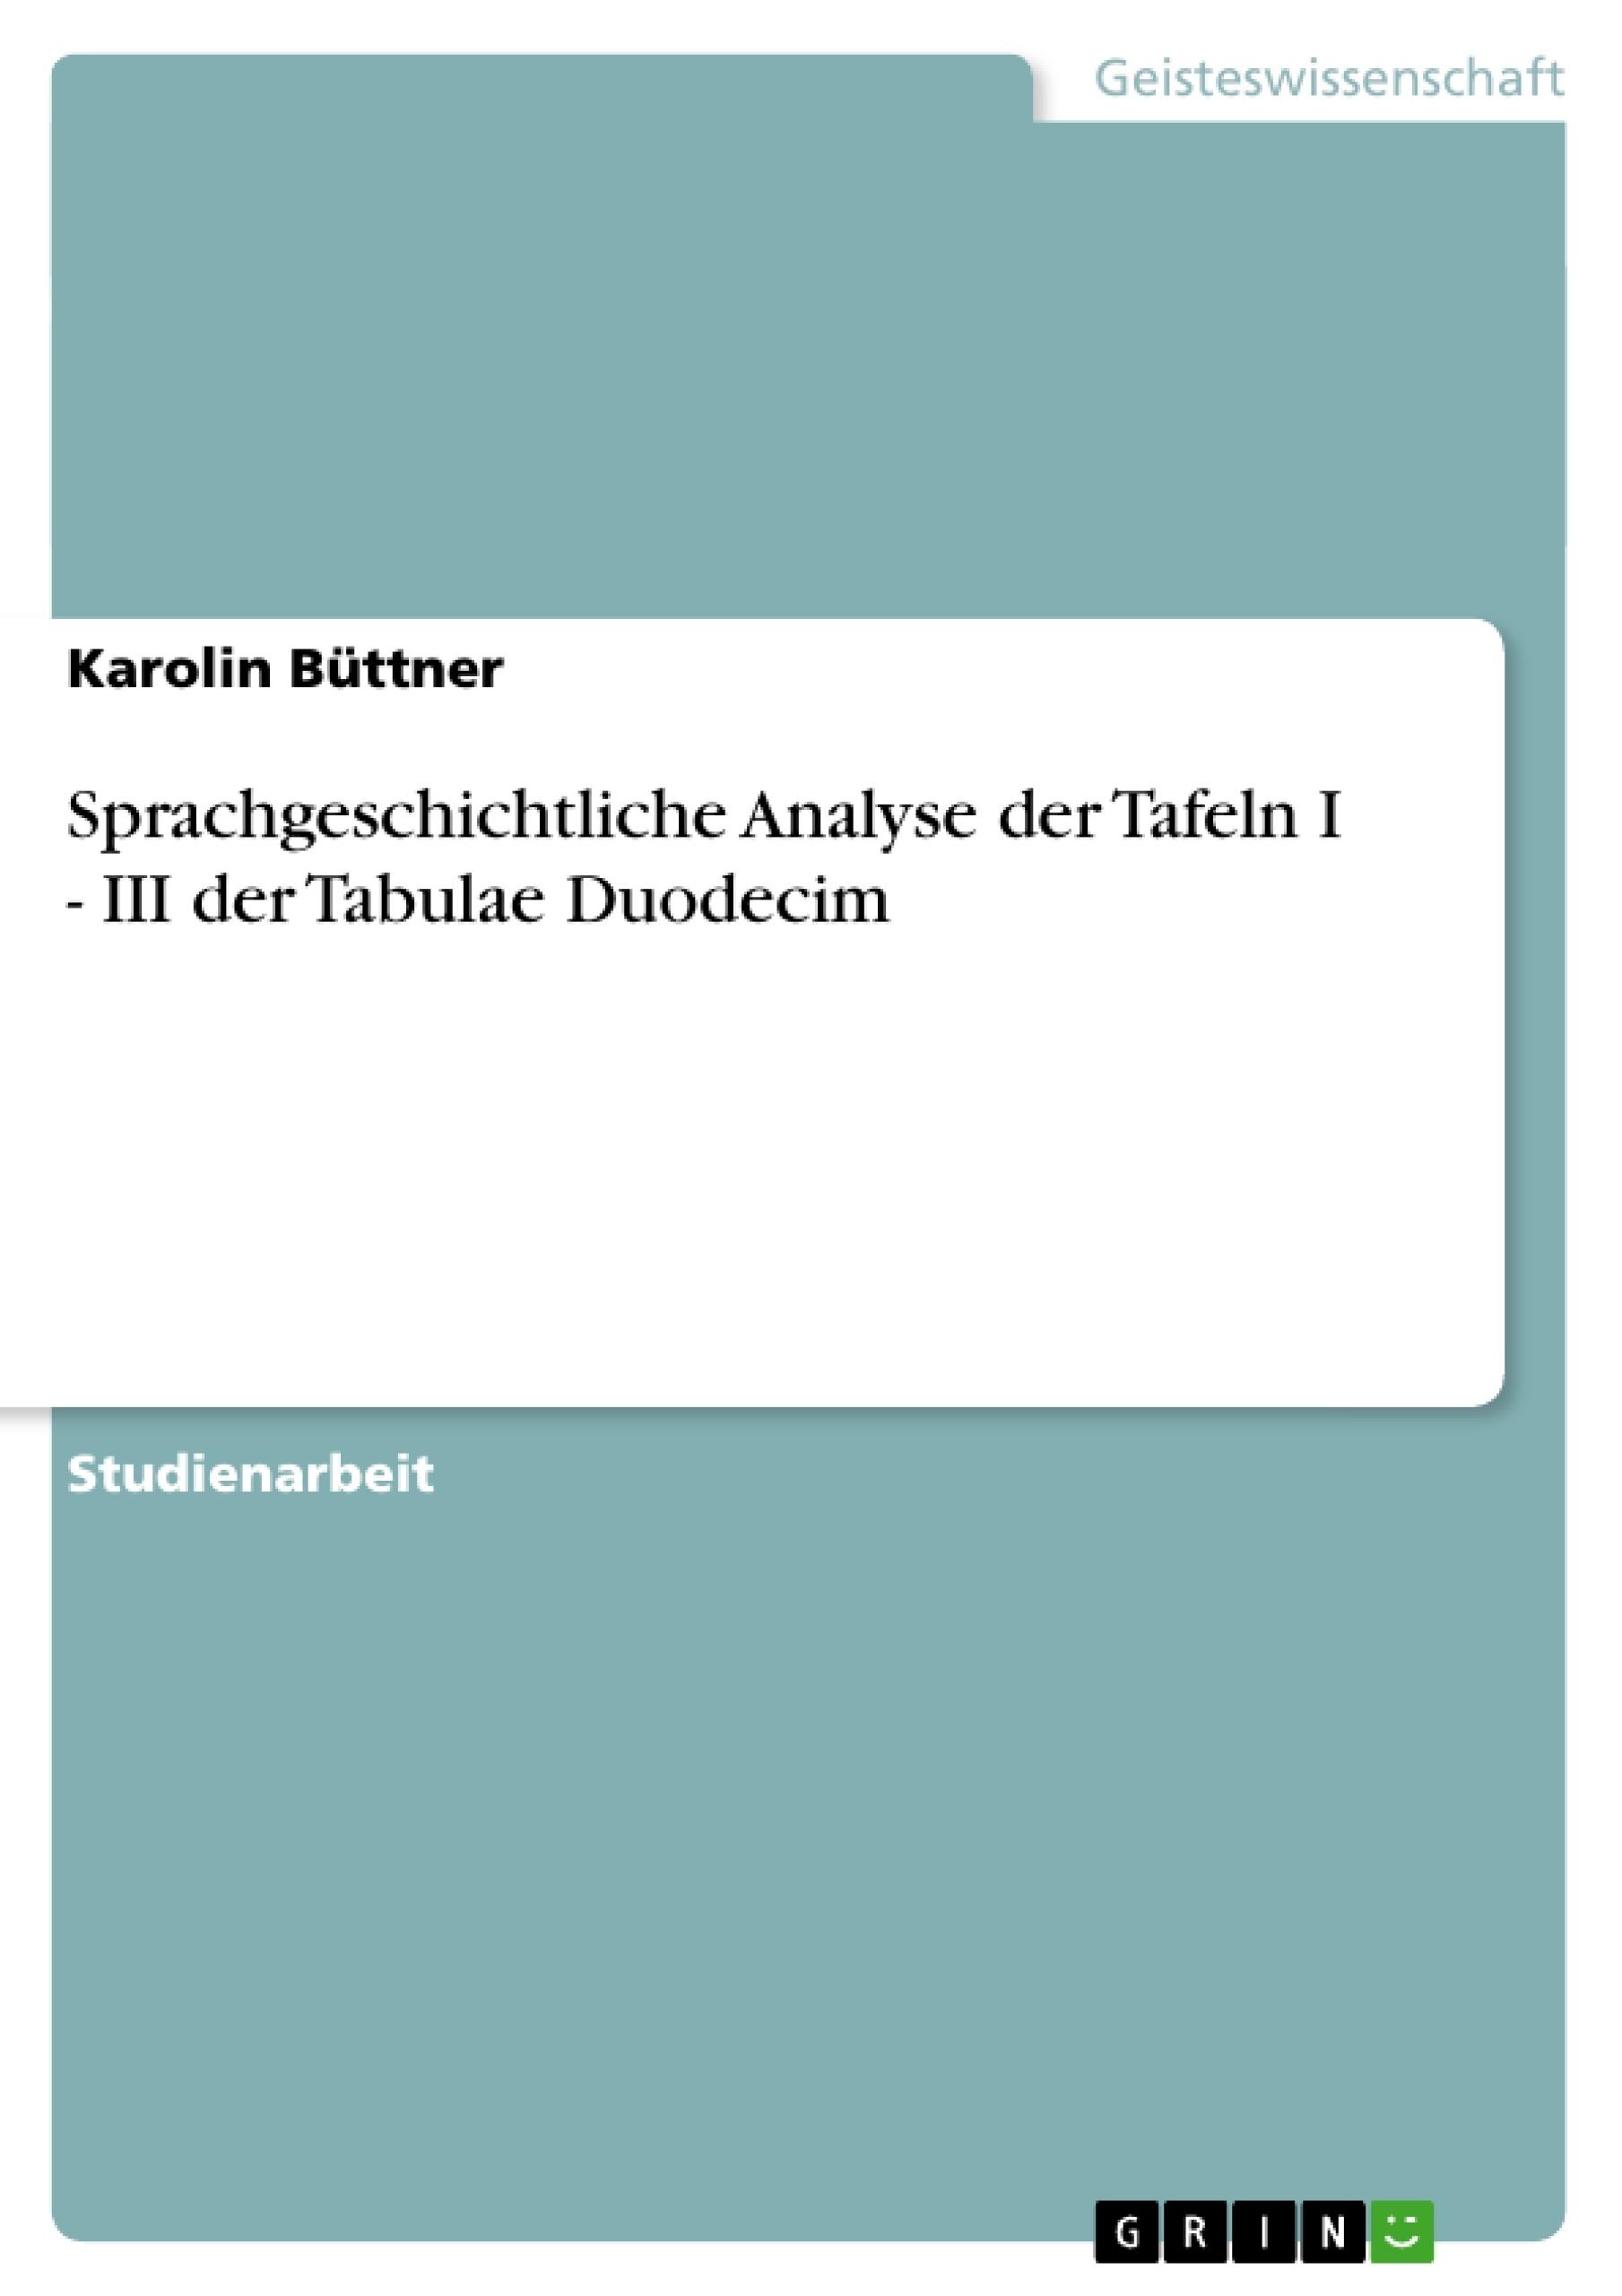 Titel: Sprachgeschichtliche Analyse der Tafeln I - III der Tabulae Duodecim